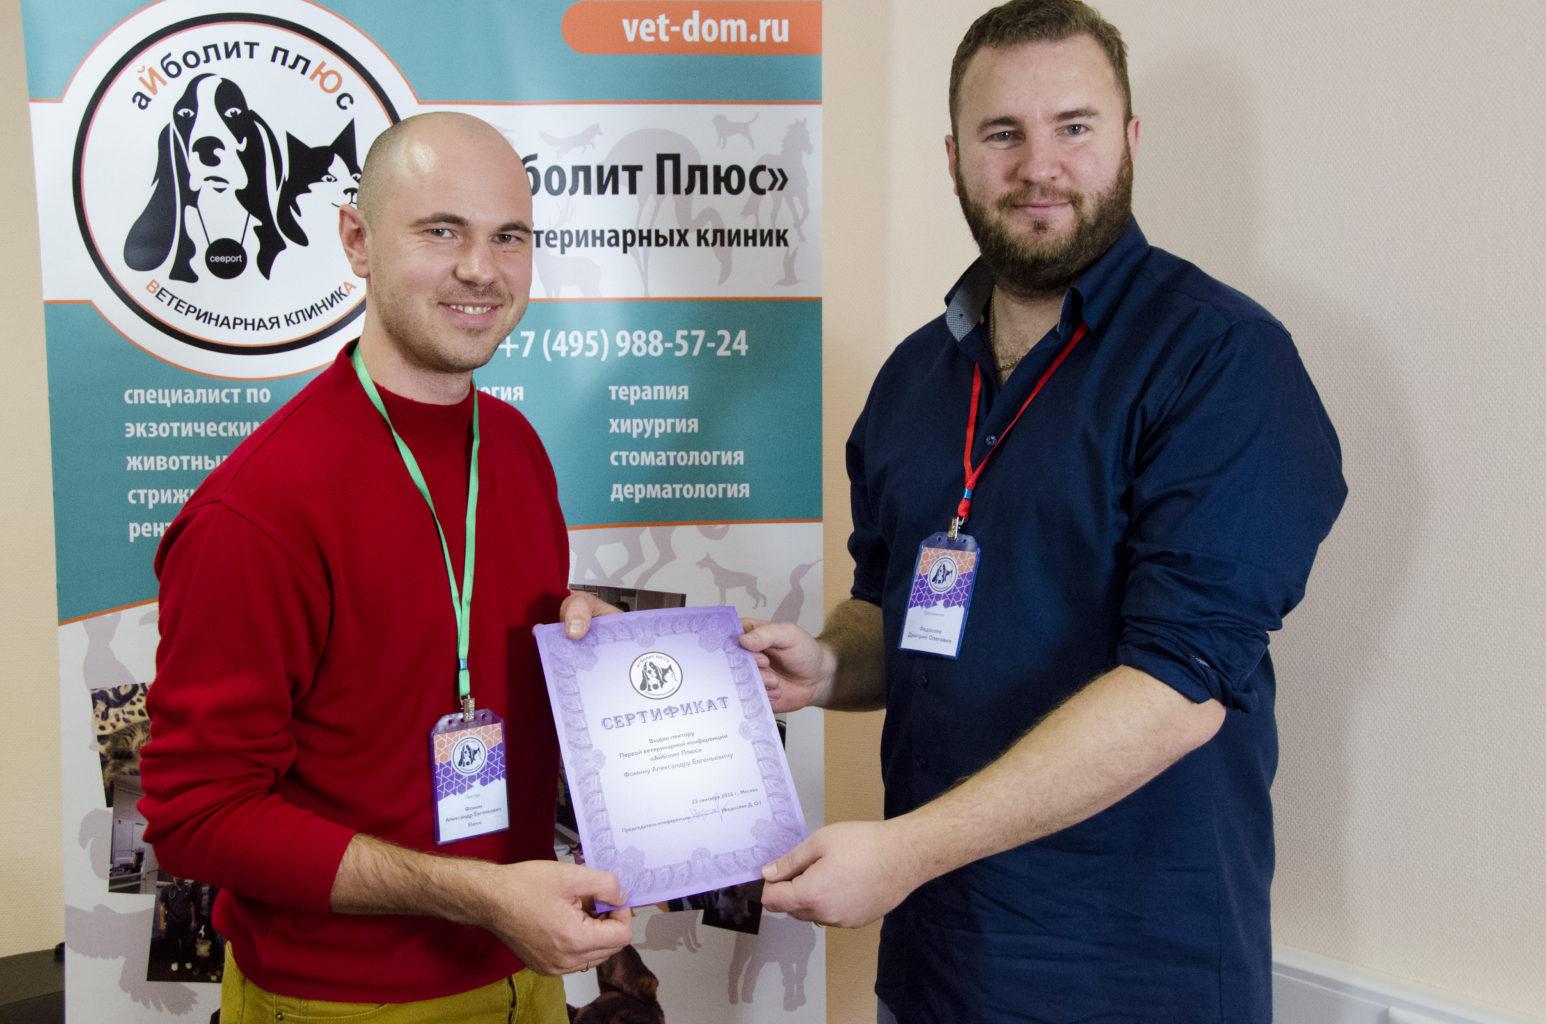 """Первой ветеринарной конференции """"Айболит Плюс"""""""